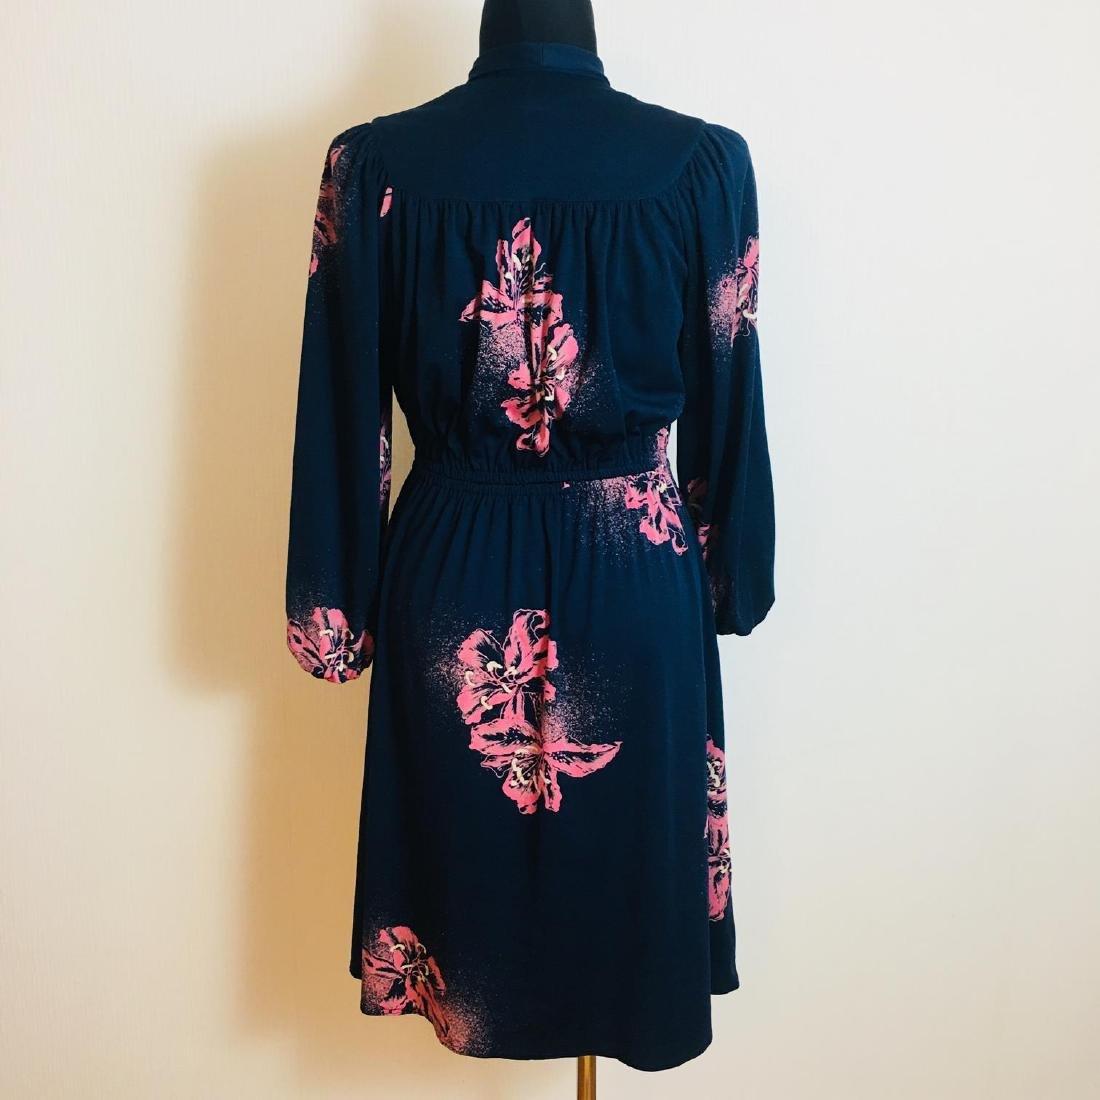 Vintage Women's Cocktail Evening Dress Size EUR 44 - 5